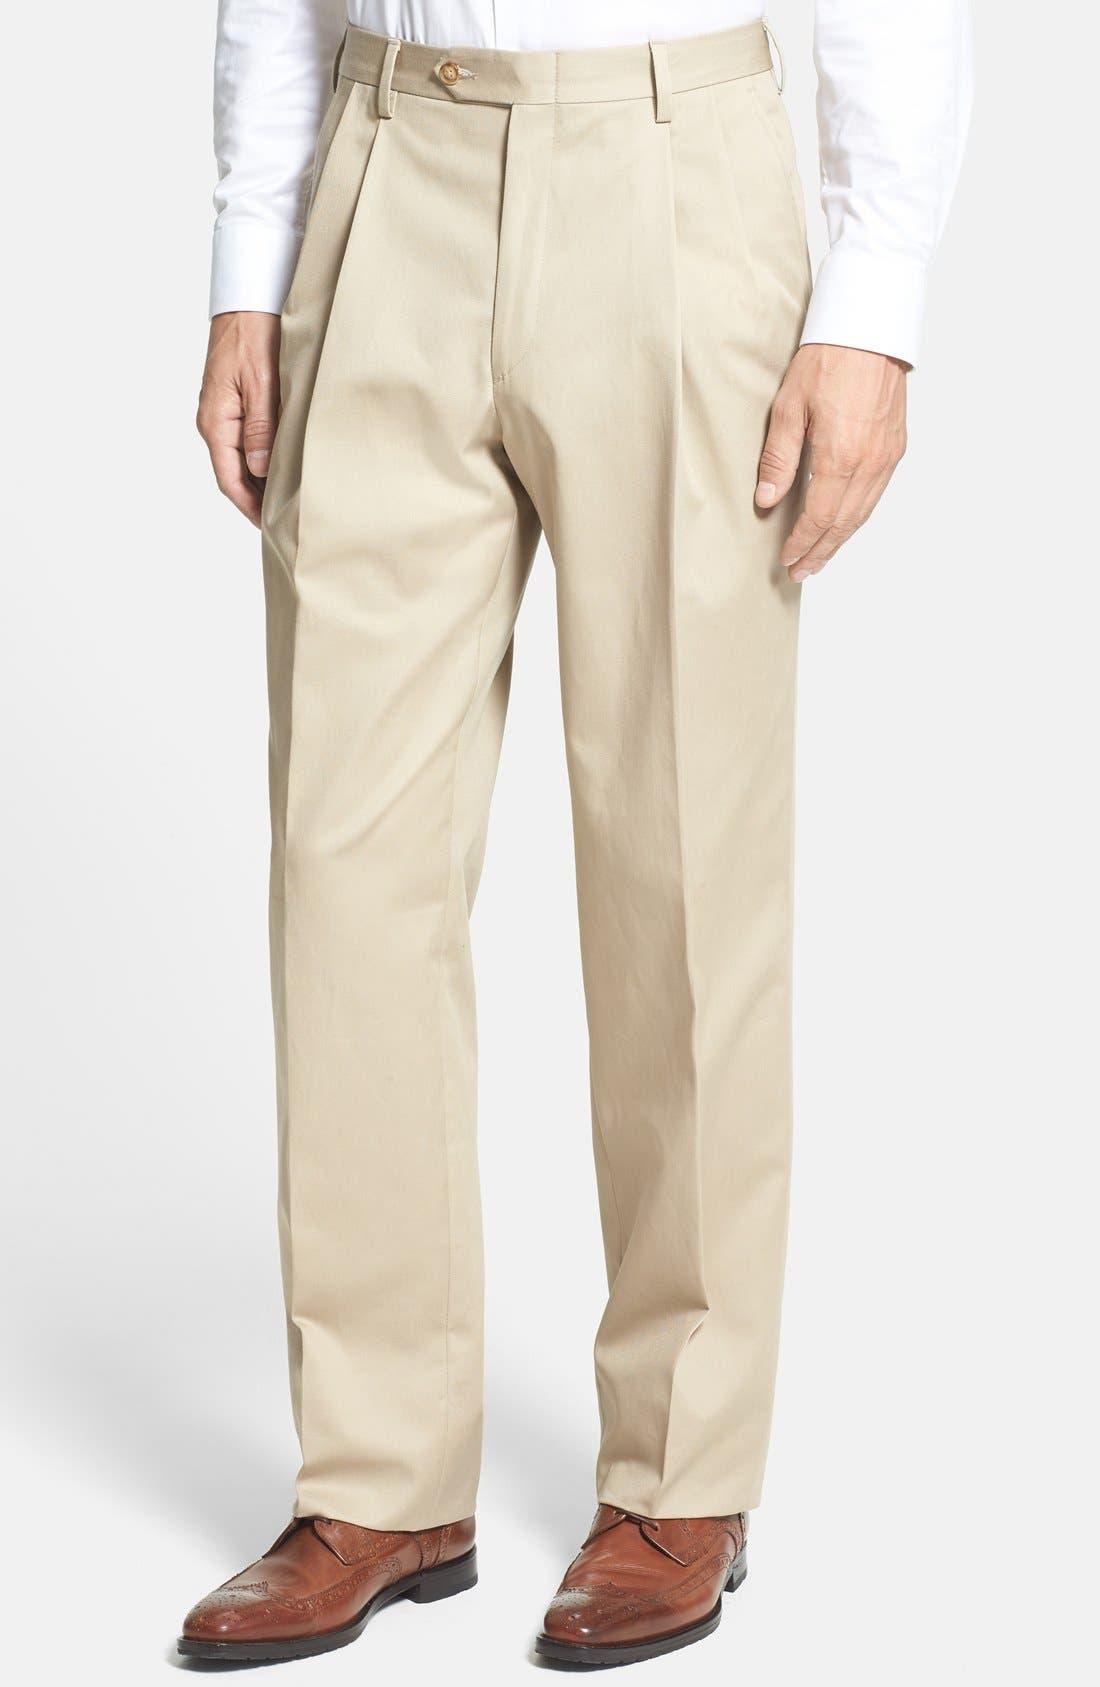 Men's Vintage Pants, Trousers, Jeans, Overalls Mens Berle Pleated Classic Fit Cotton Dress Pants Size 36 x 30 - Beige $115.00 AT vintagedancer.com